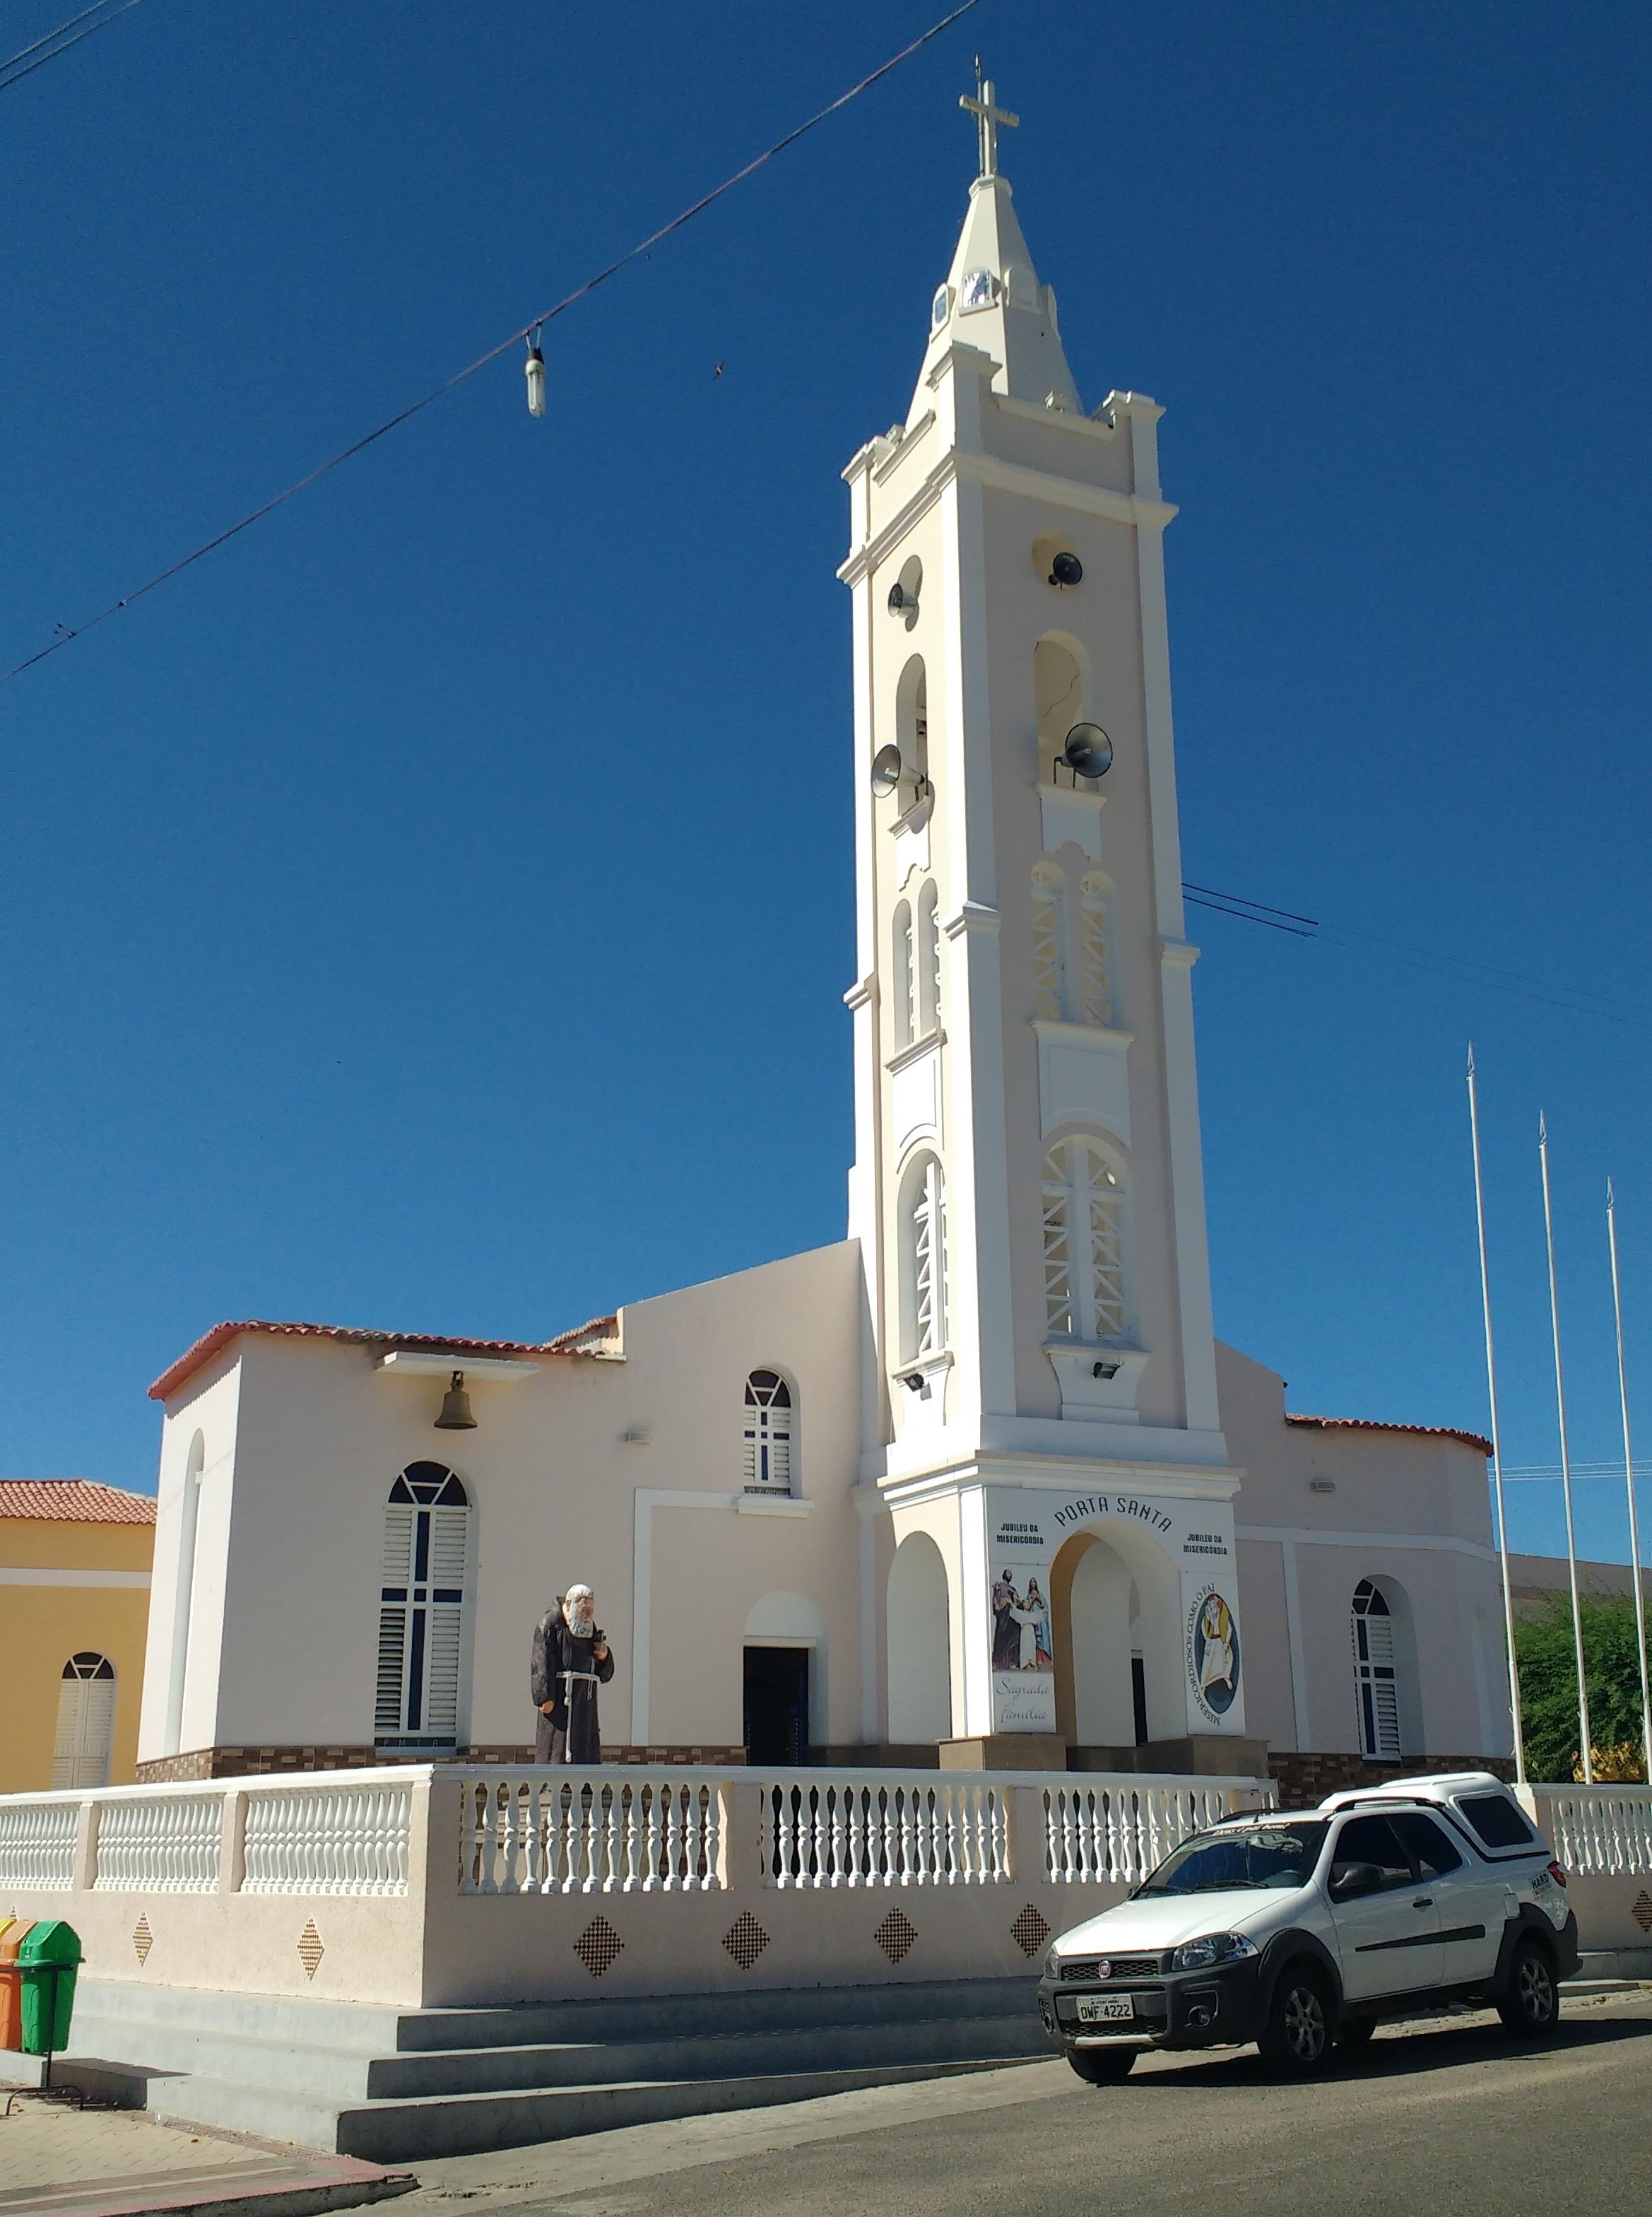 Tenente Ananias Rio Grande do Norte fonte: upload.wikimedia.org